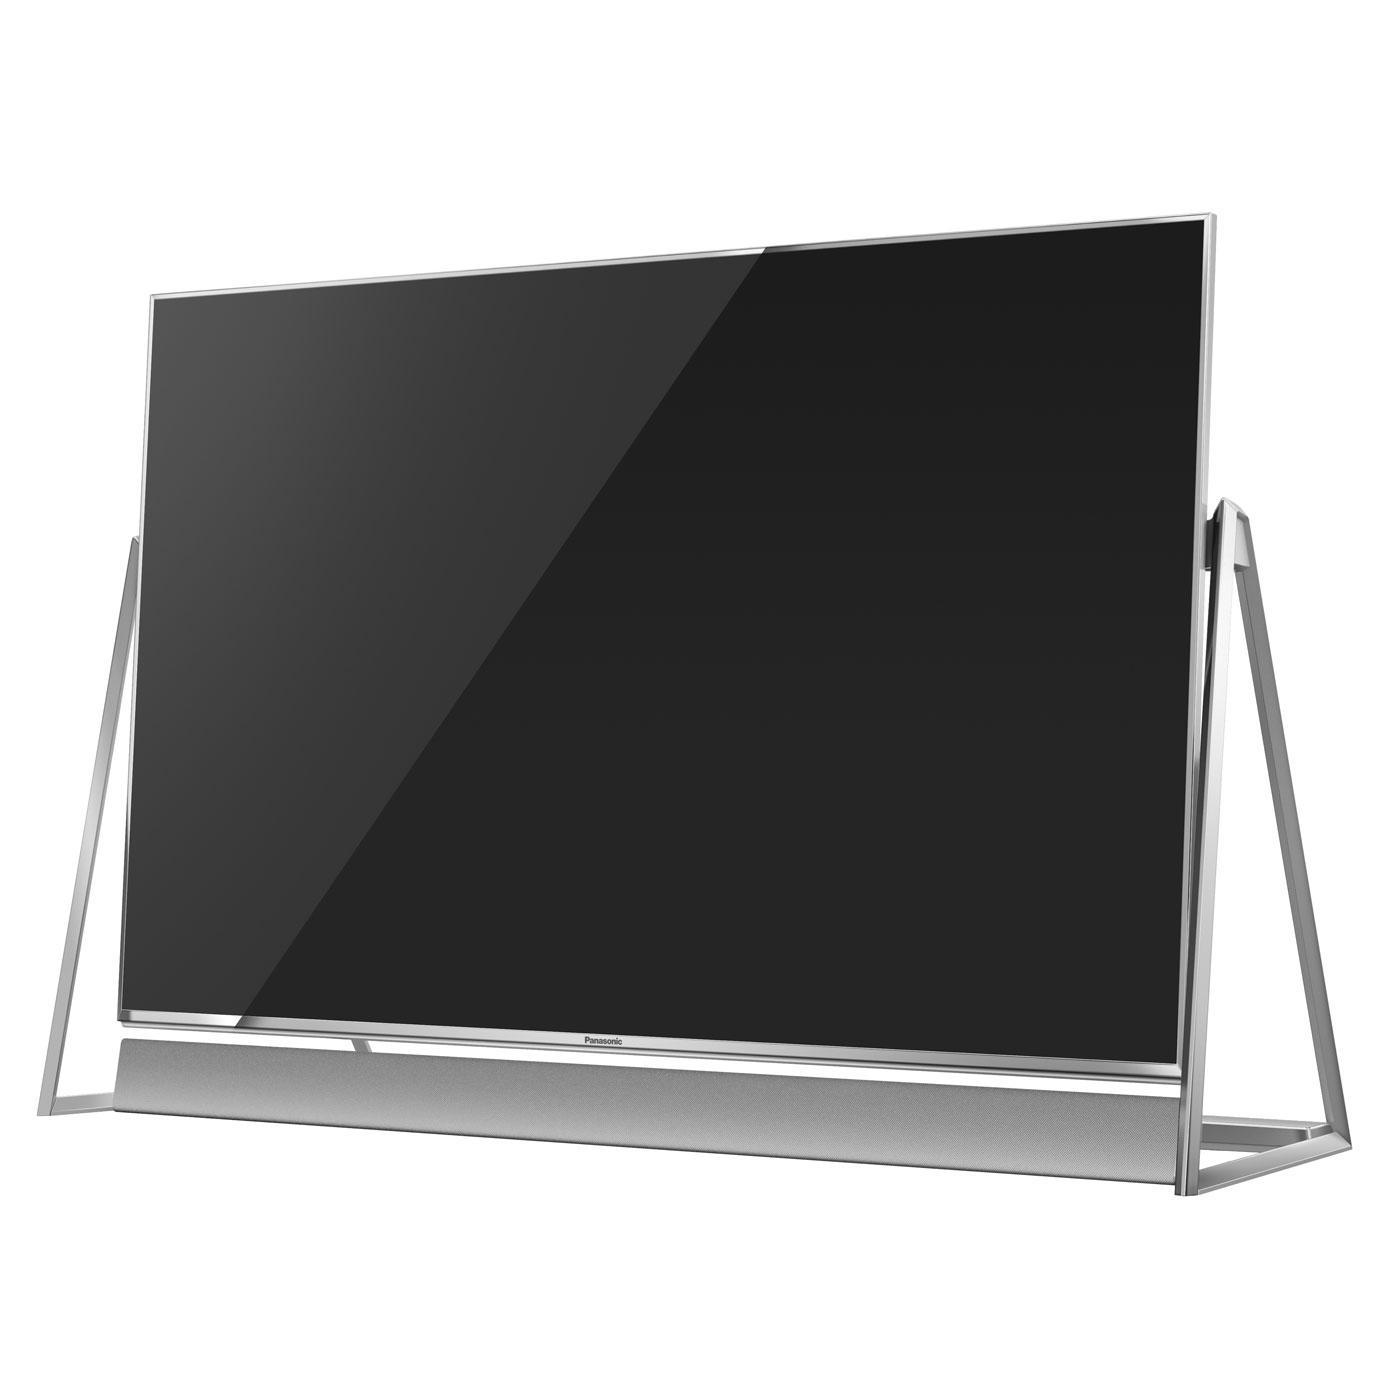 Smart TV LED 3D 4K Ultra HD 146 cm Panasonic VIERA TX-58DX800E